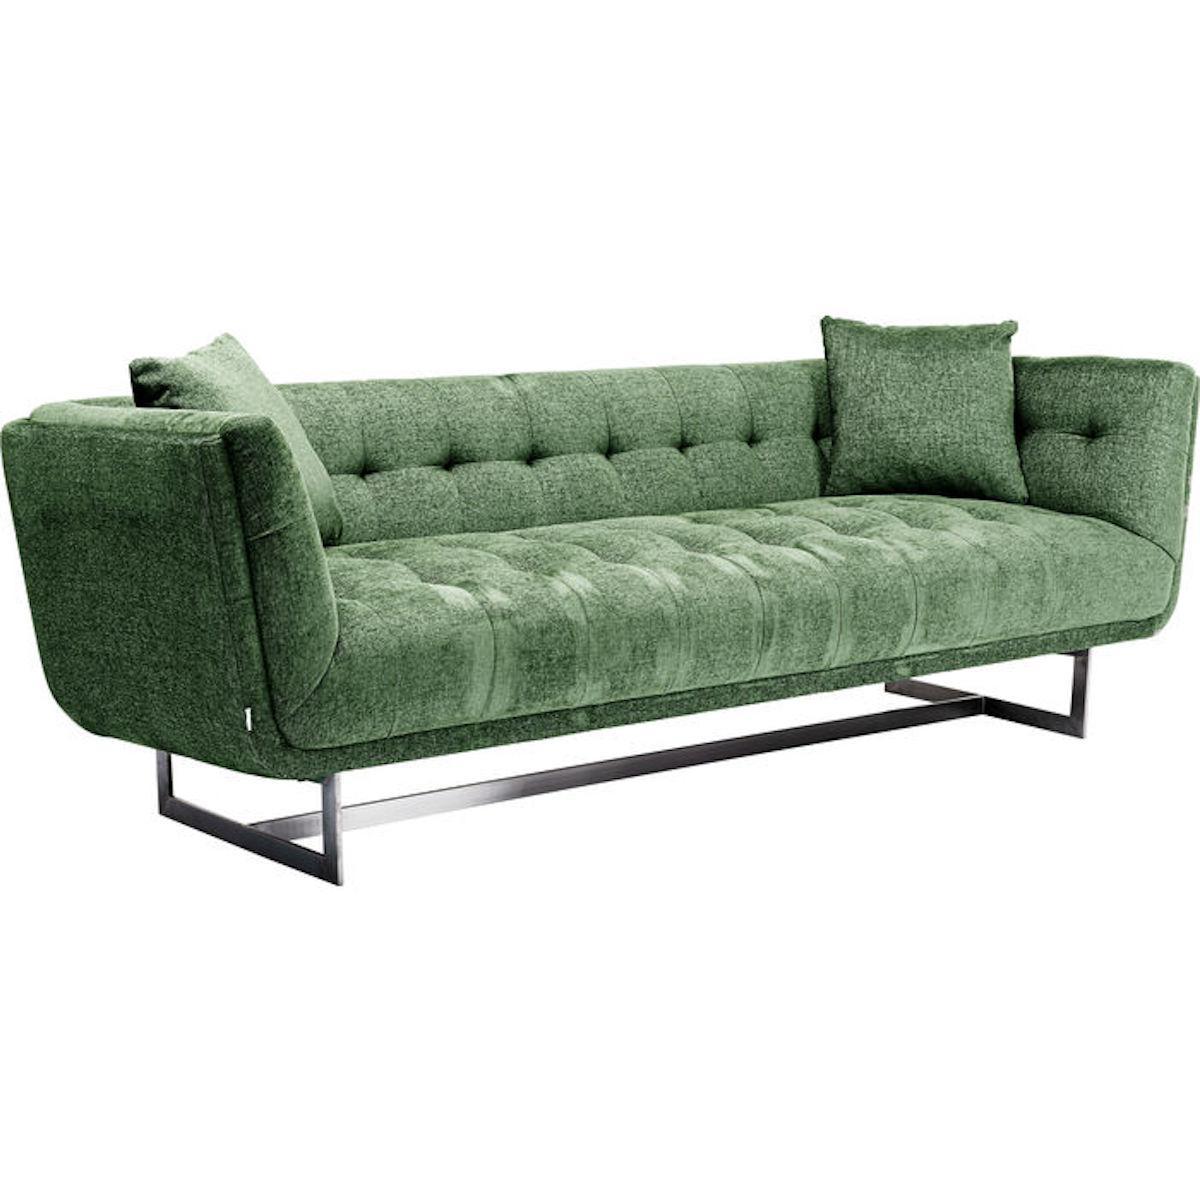 Sofa 3-places Nashville 224cm